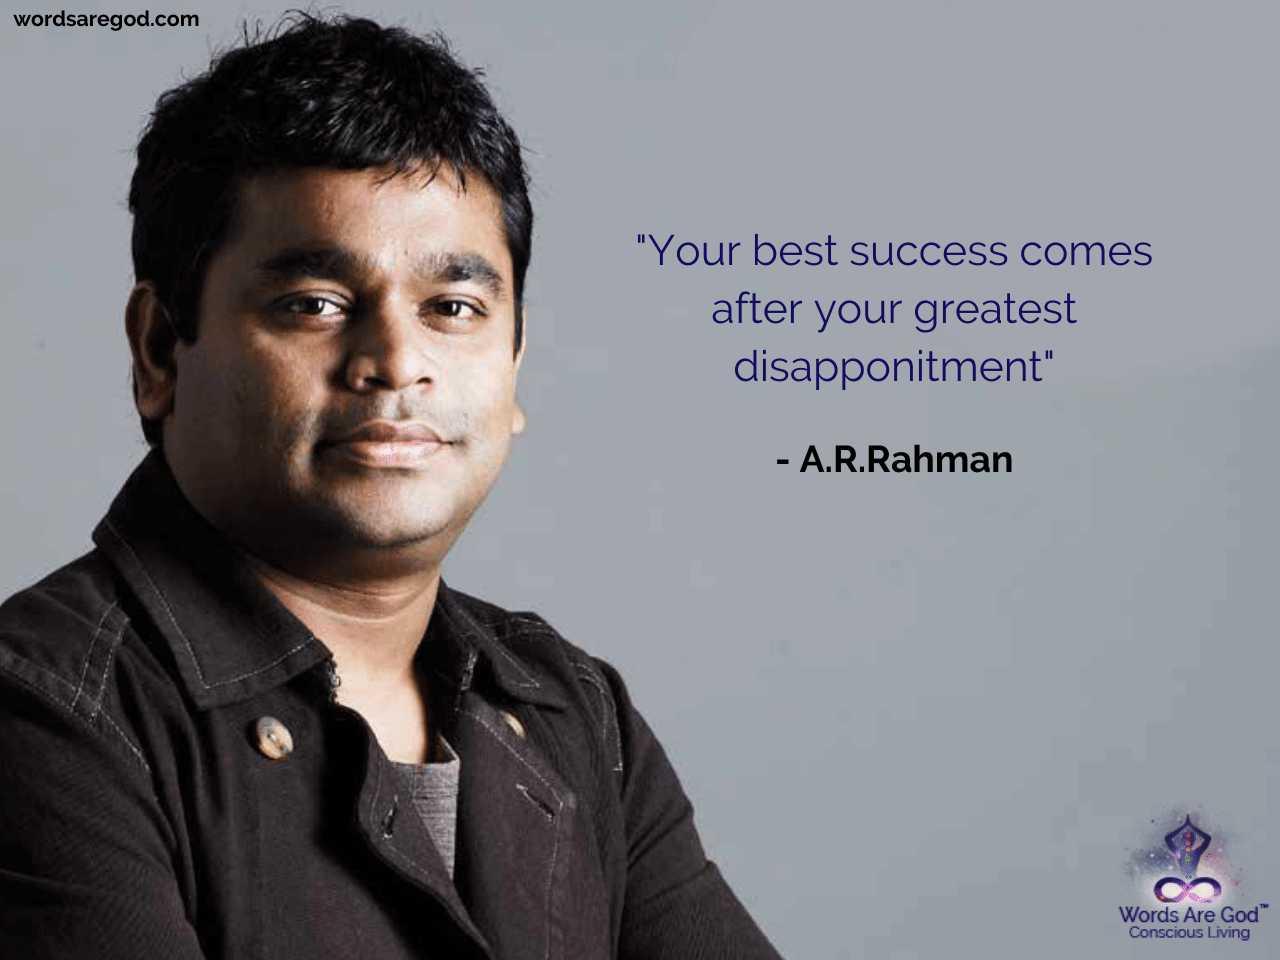 A.R.Rahman Music Quote